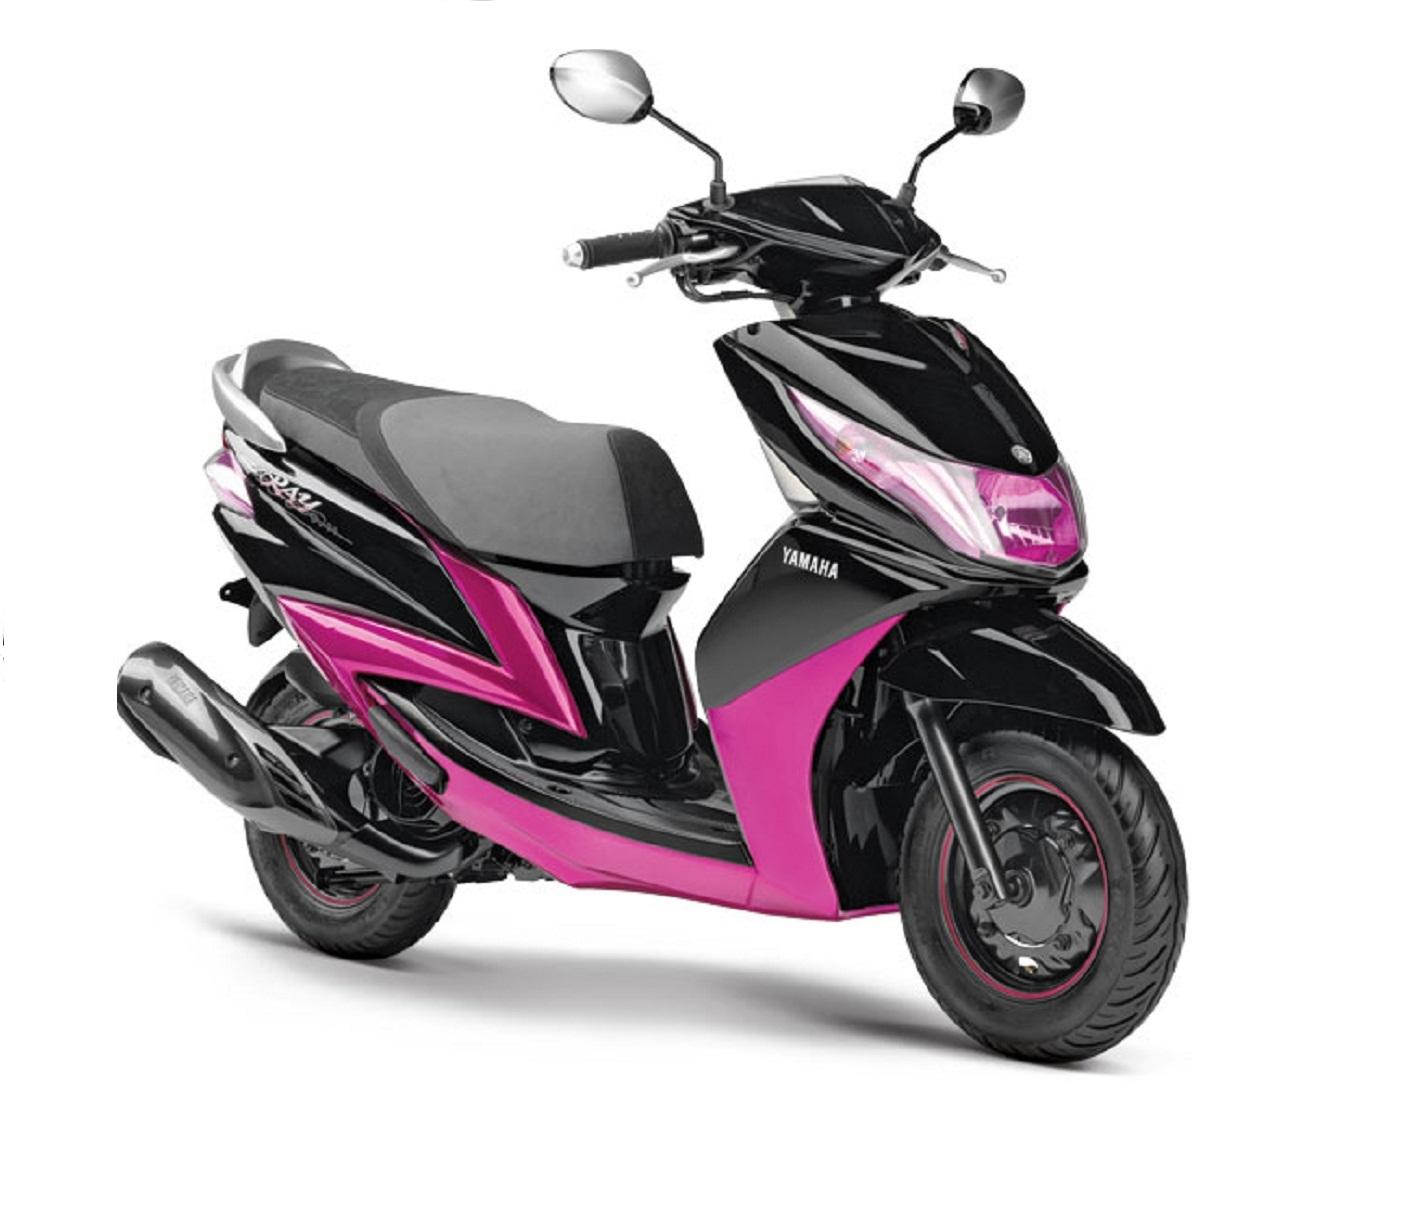 tvs scooty streak price in india bike price india html